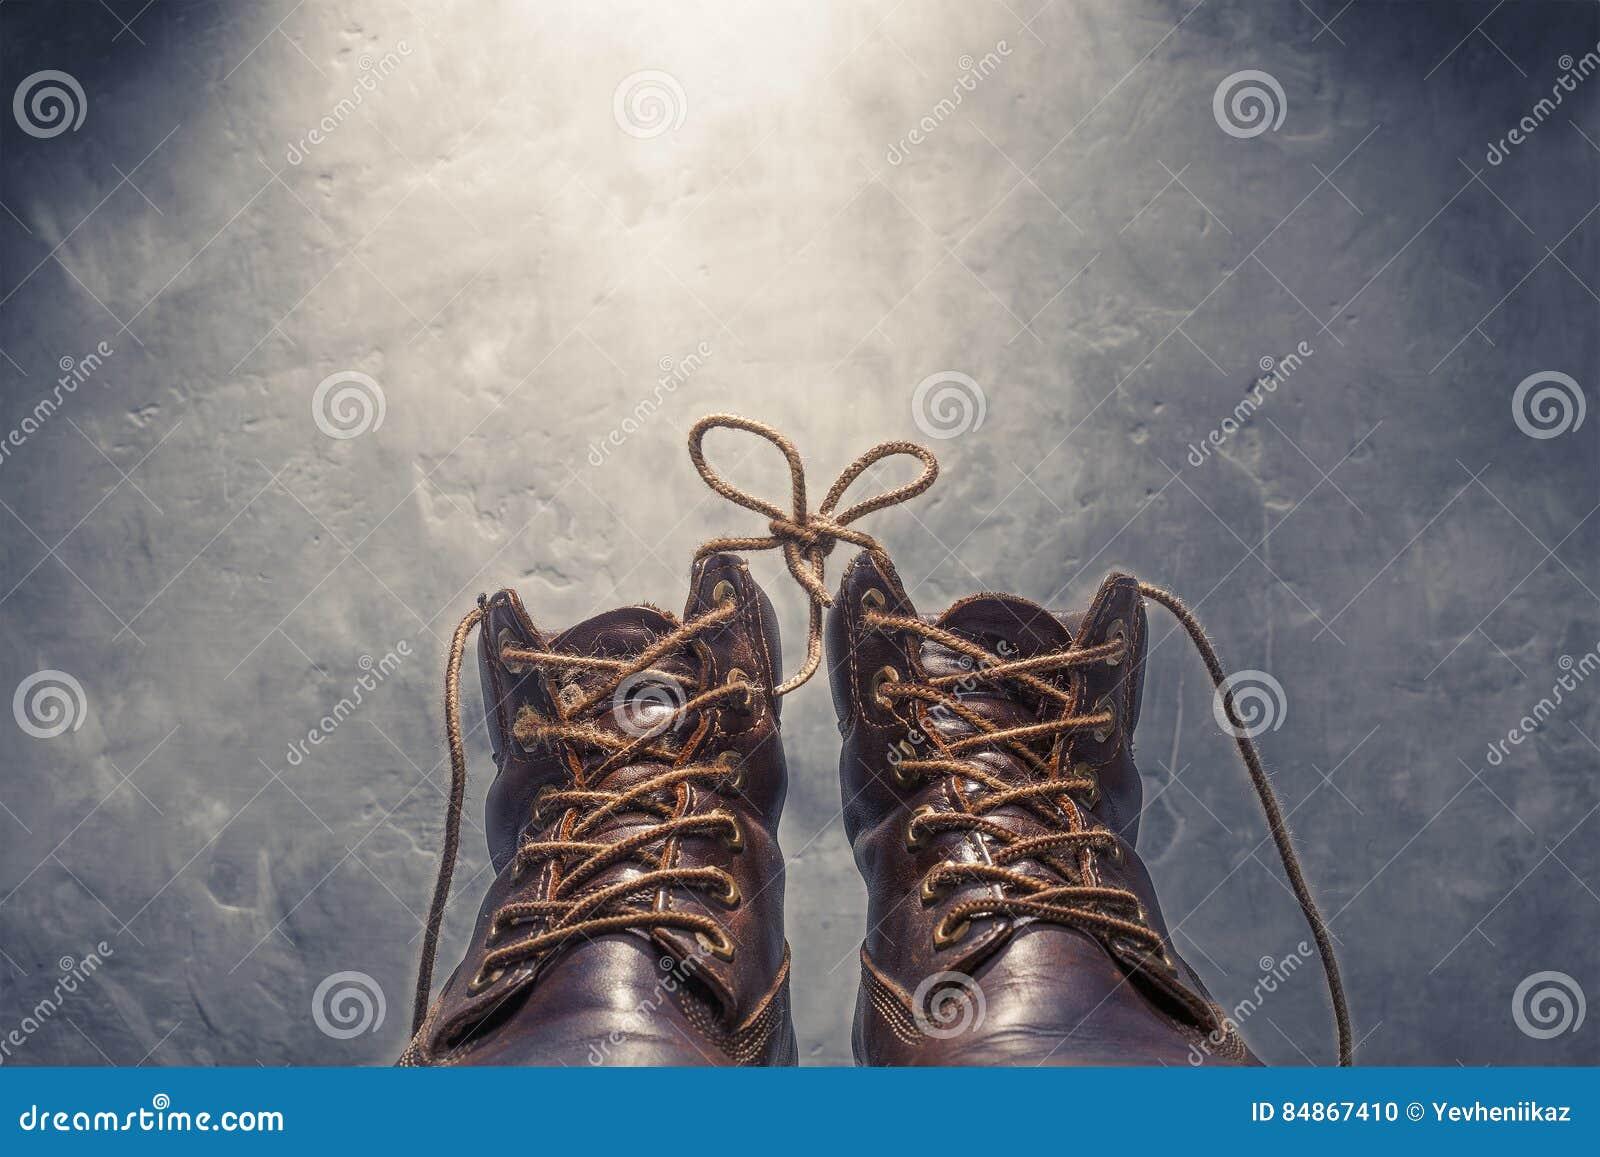 Fondo Los Zapatos De Dos Cordones Cemento En Del Muro Con Atados El rtCshQdx